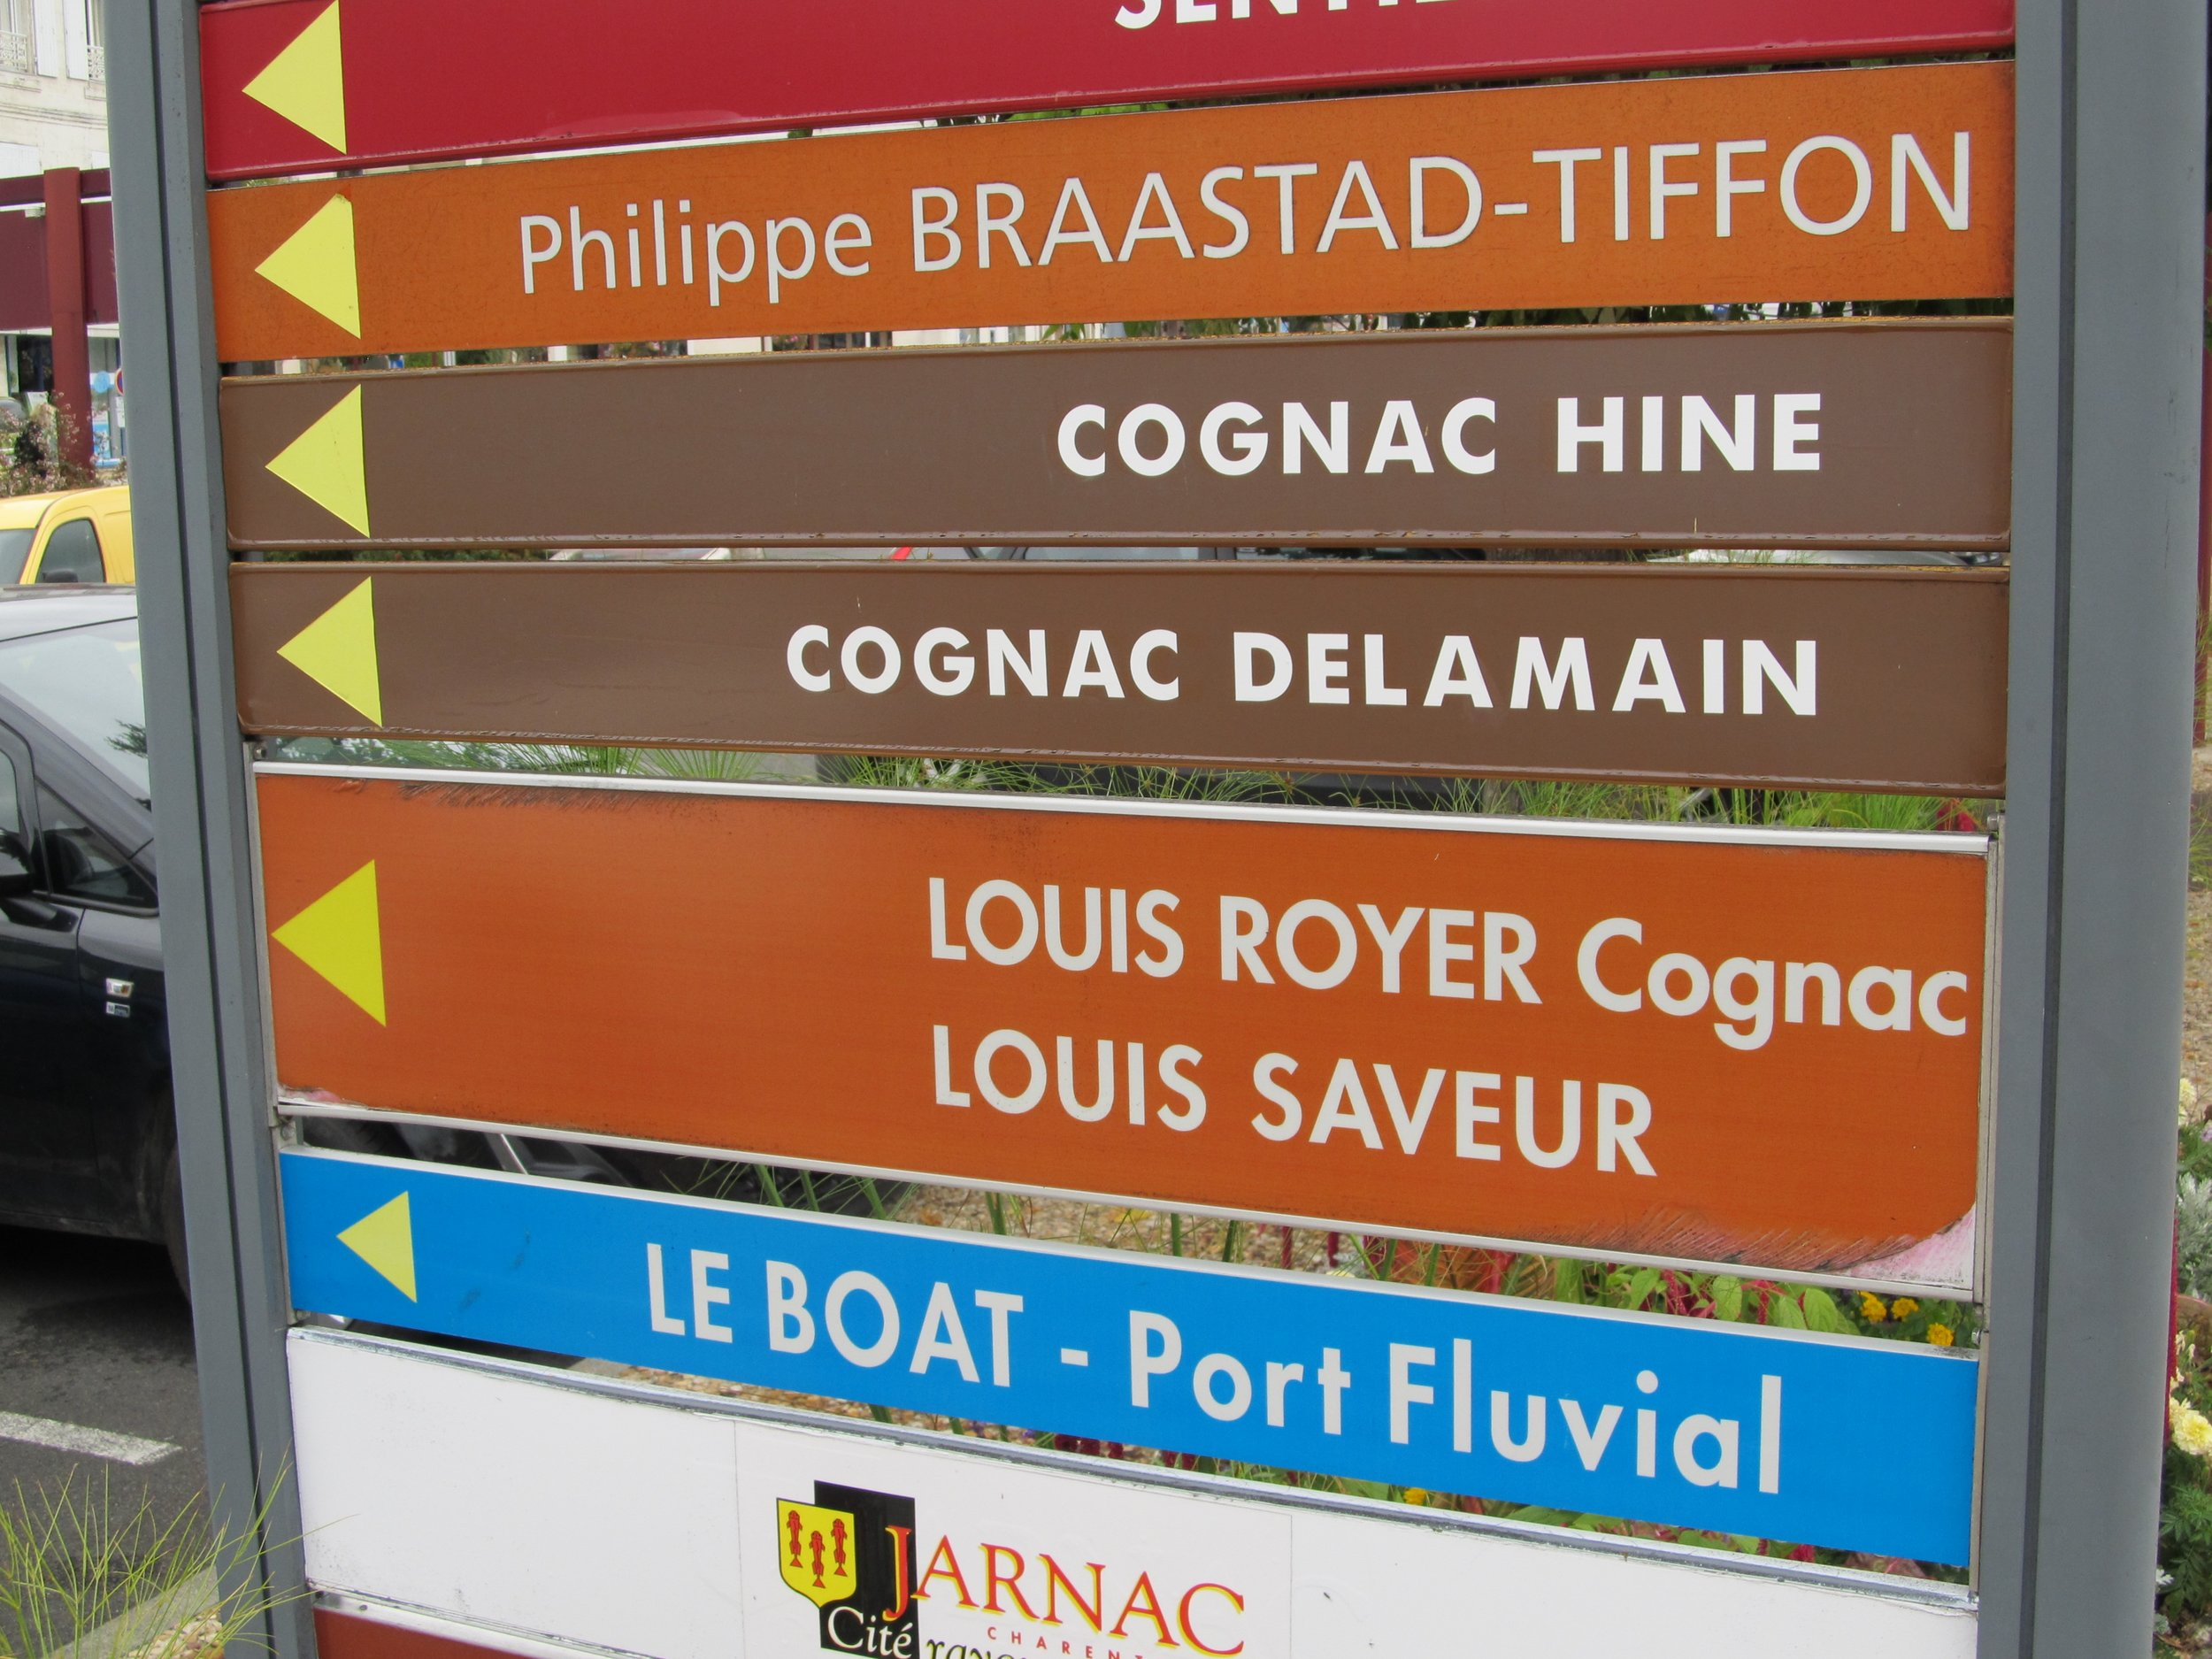 Jarnac-street-sign-credit-Mike-Gerrard.jpg